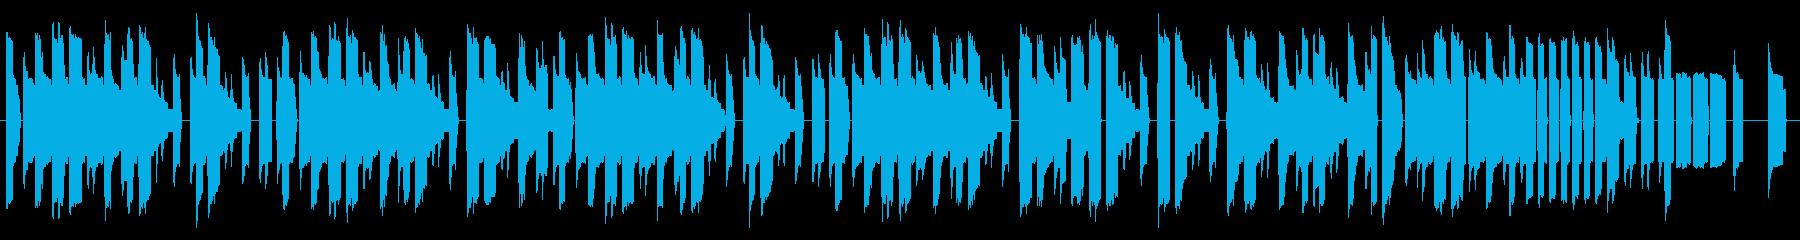 NES レース A01-1(タイトル)の再生済みの波形